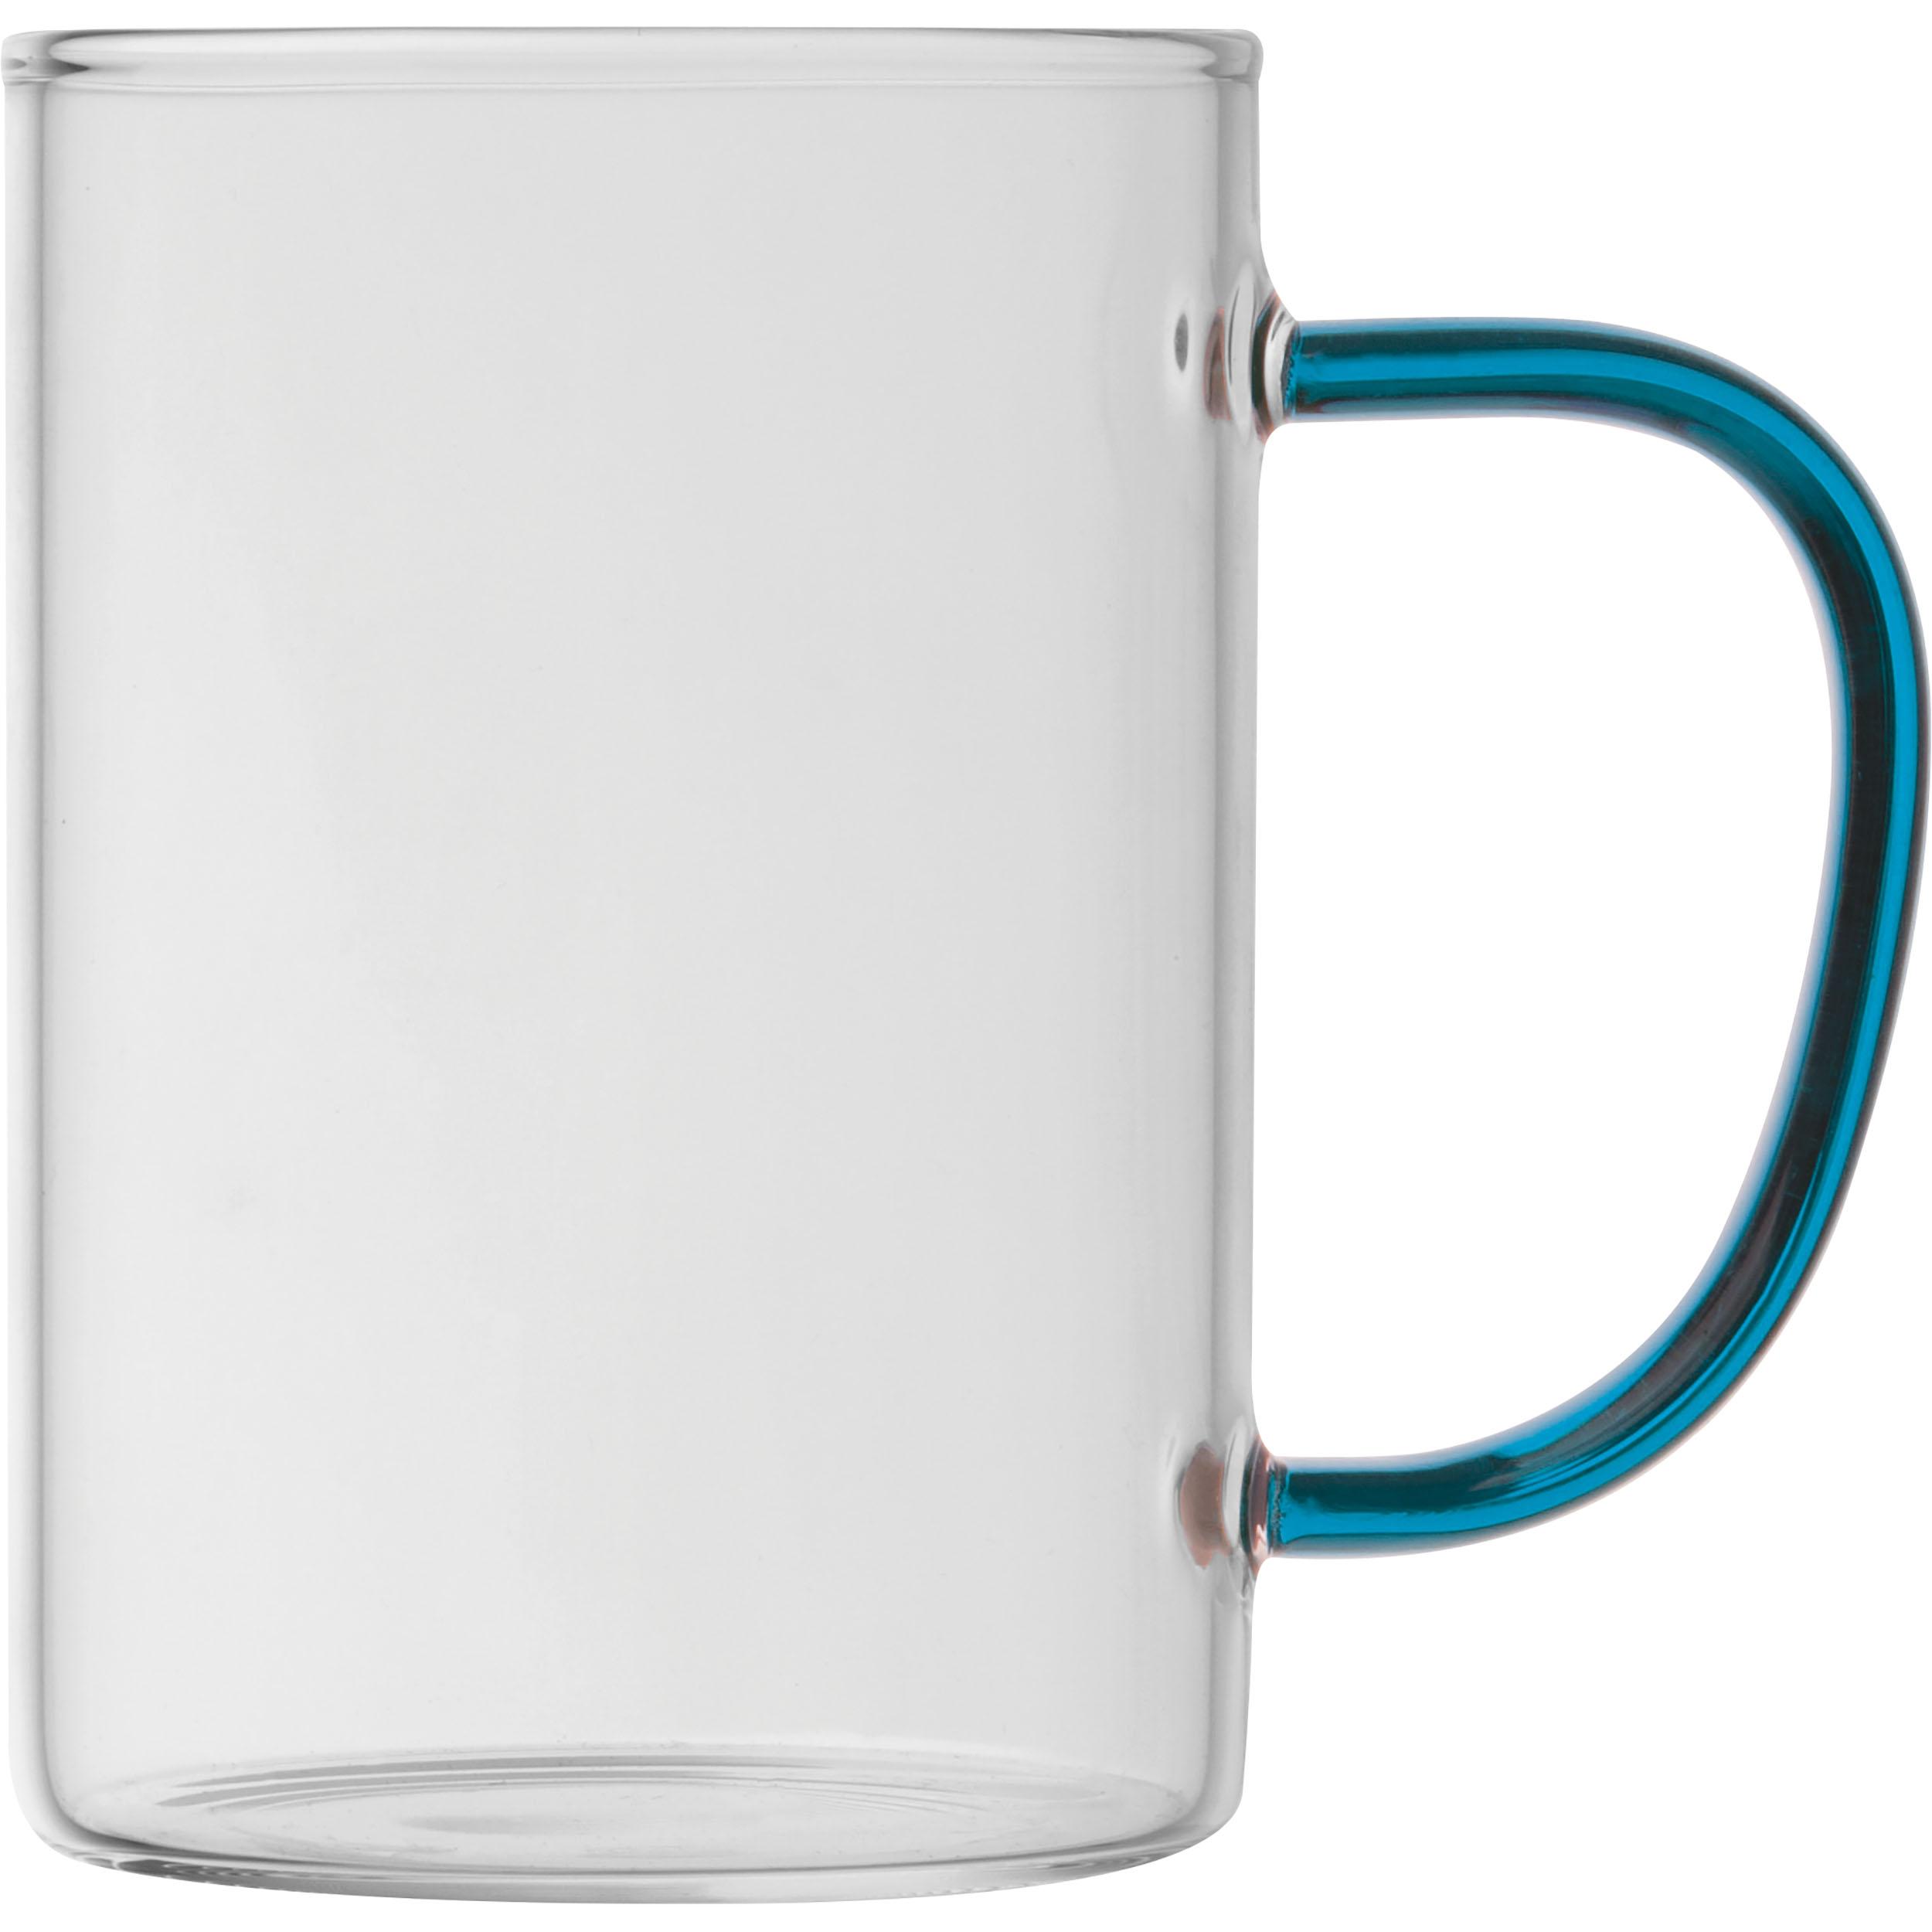 Tasse en verre avec poignée colorée